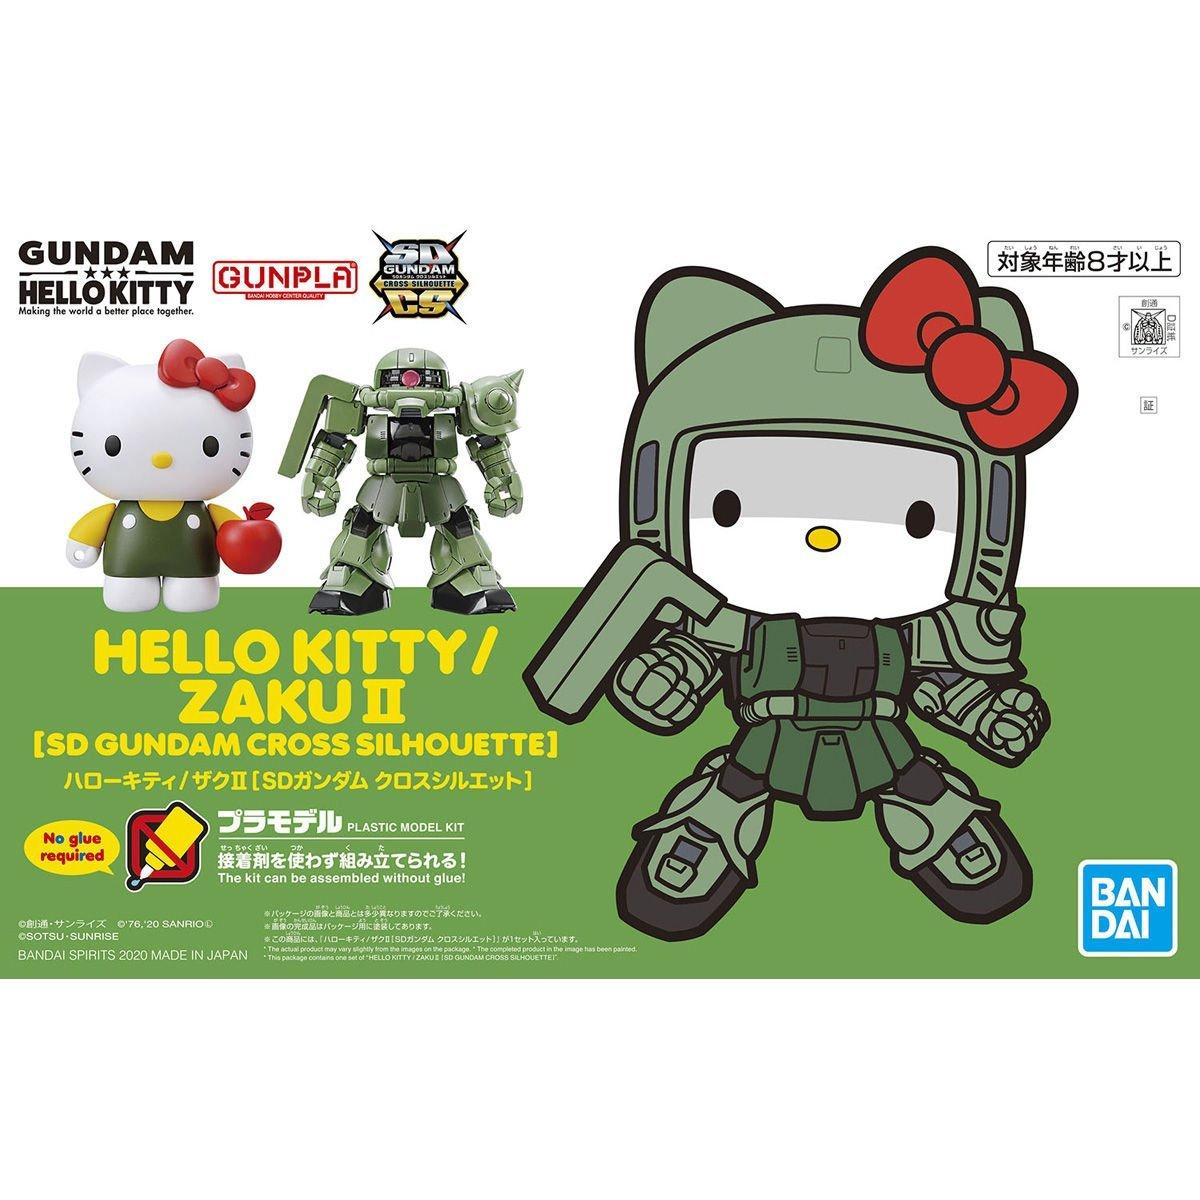 鋼彈gundam組合模型 HELLO KITTY / 薩克II (SD鋼彈 CROSS SILHOUETTE)